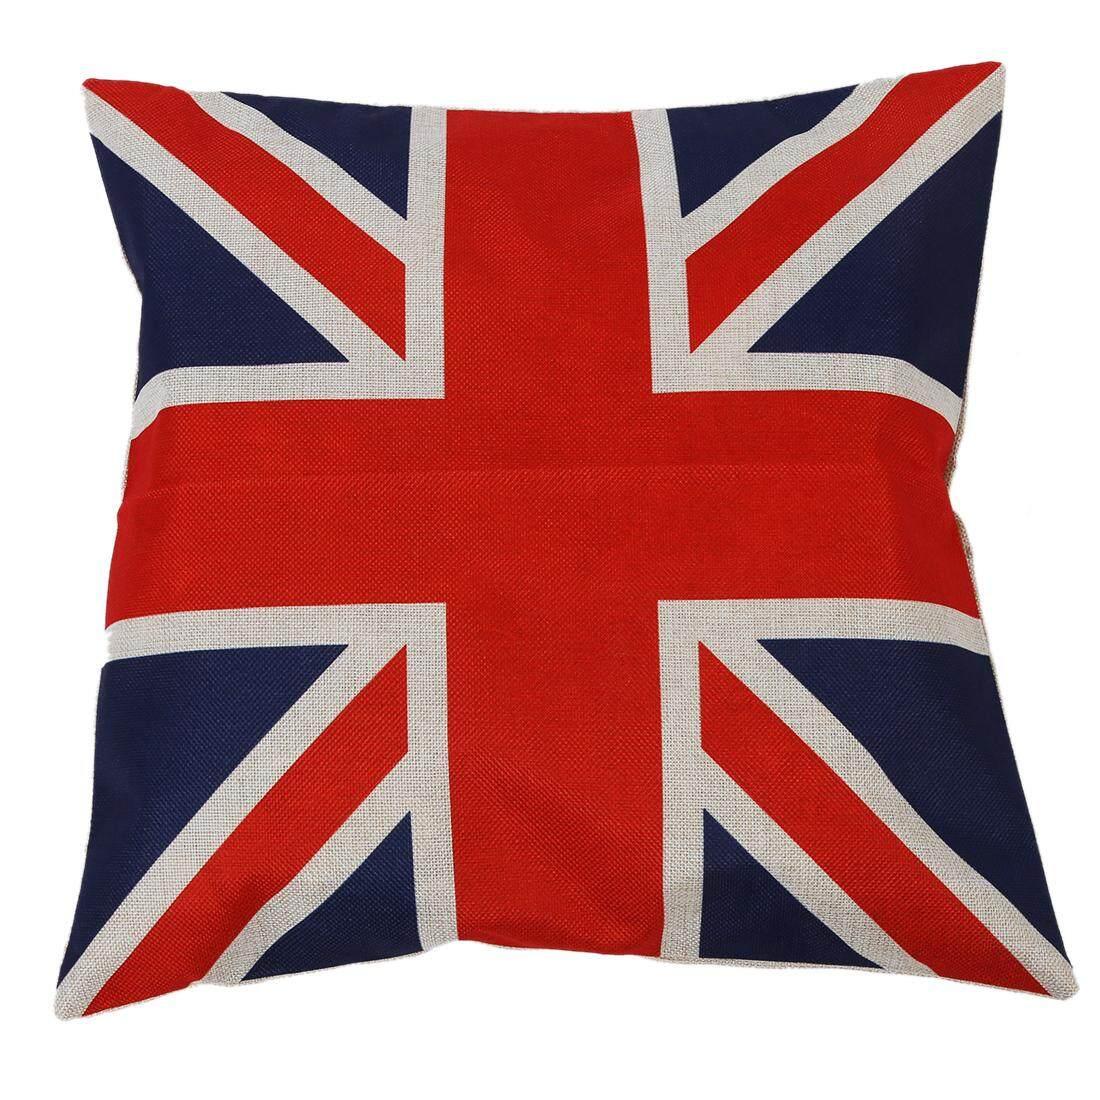 Sarung Bantal Kursi Bendera Inggris International Daftar Update Source · British Vintage Style Union Jack Flag